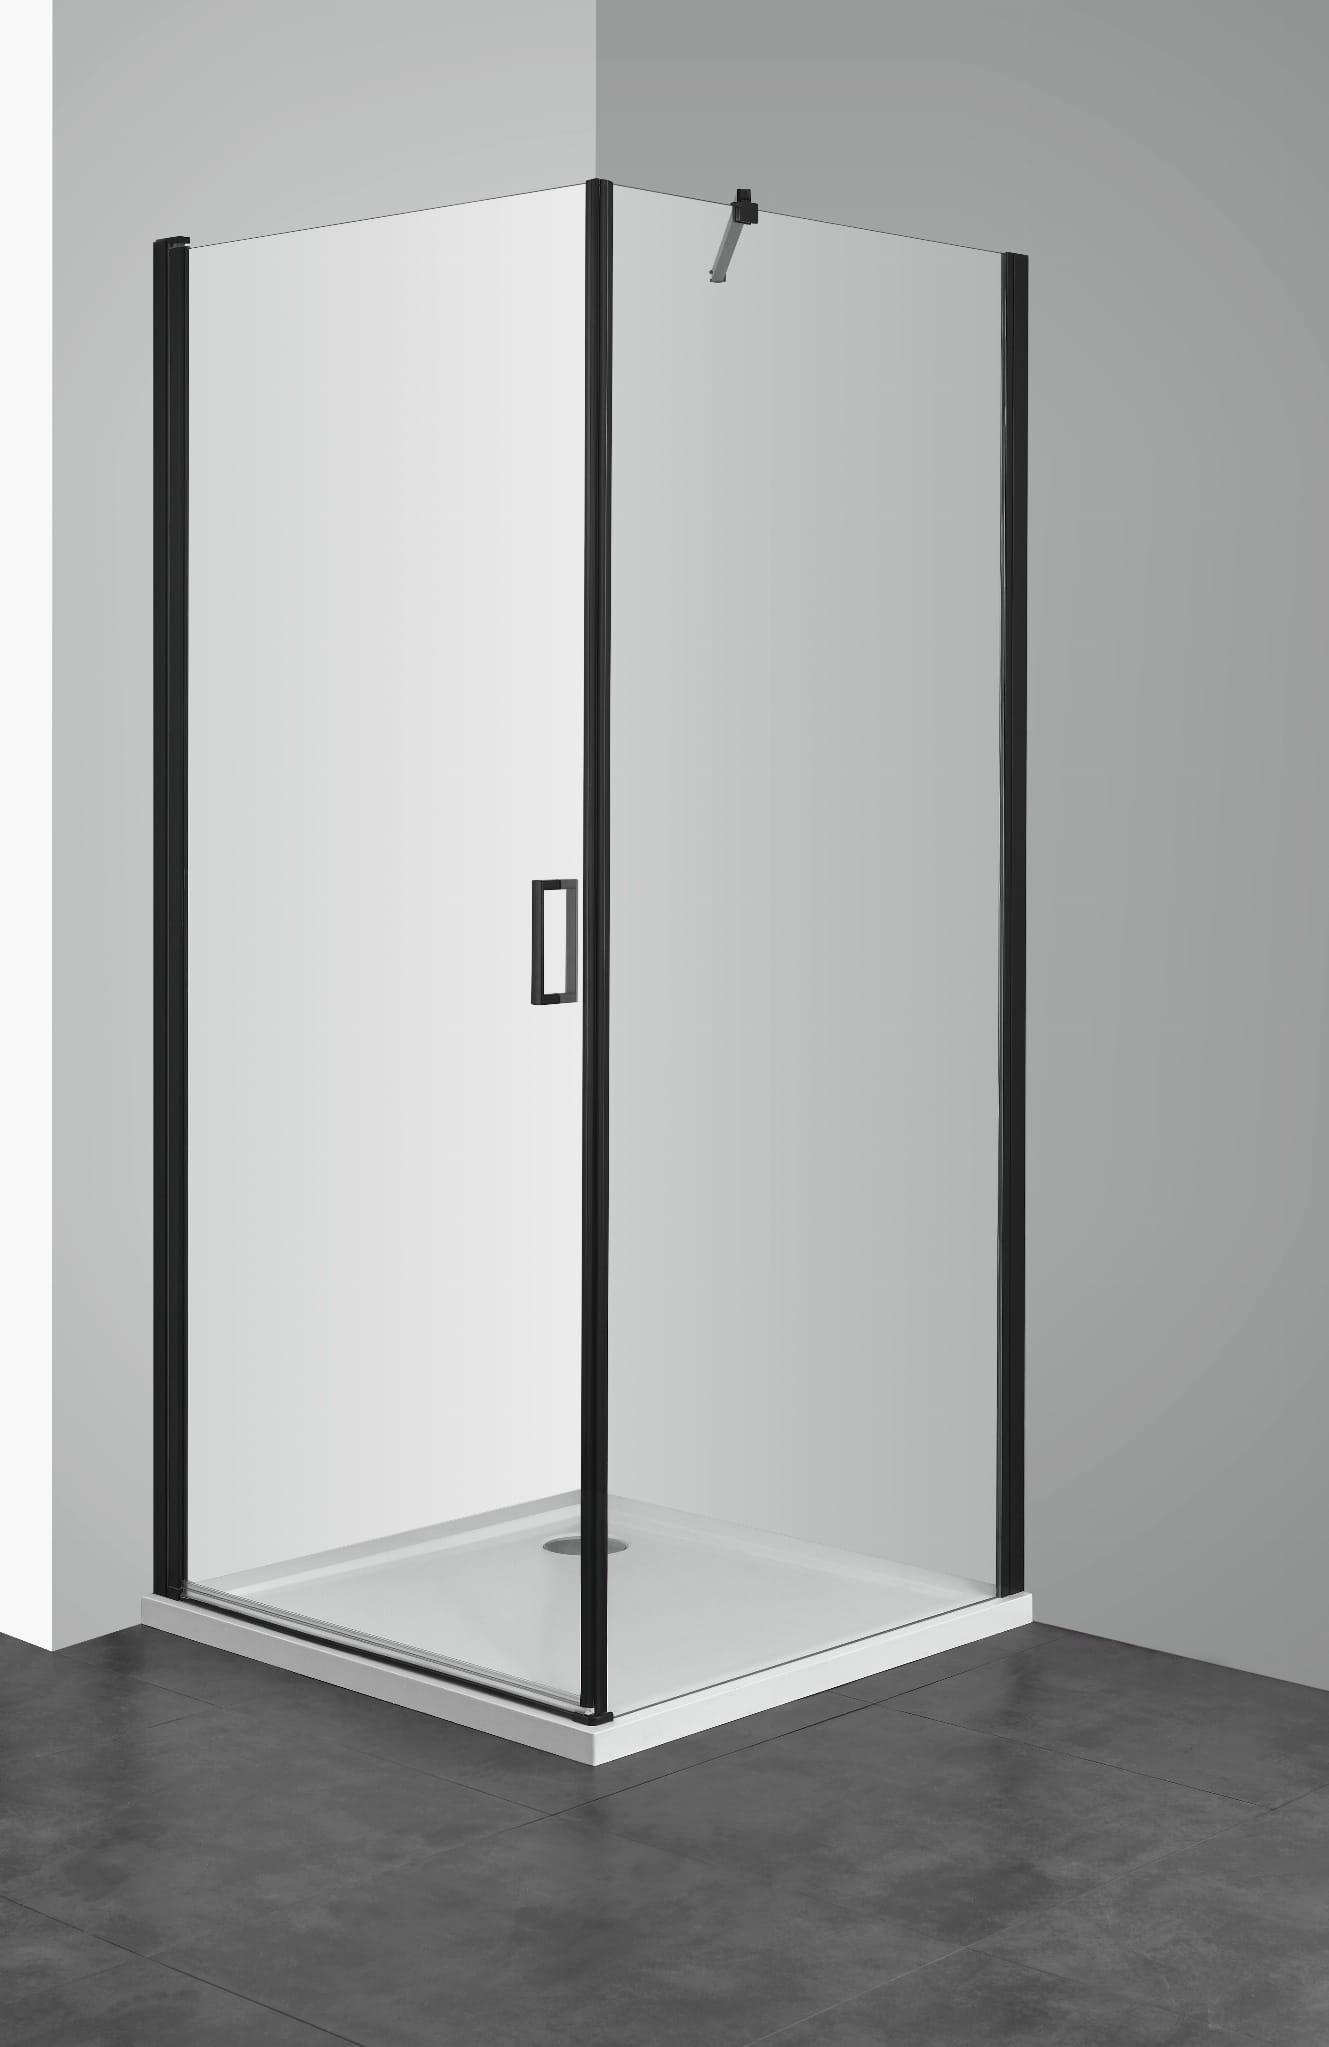 Sanotechnik - ELITE BLACK - Sprchovací kút štvorcový s krídlovými dverami 80 x 80 x 195 cm